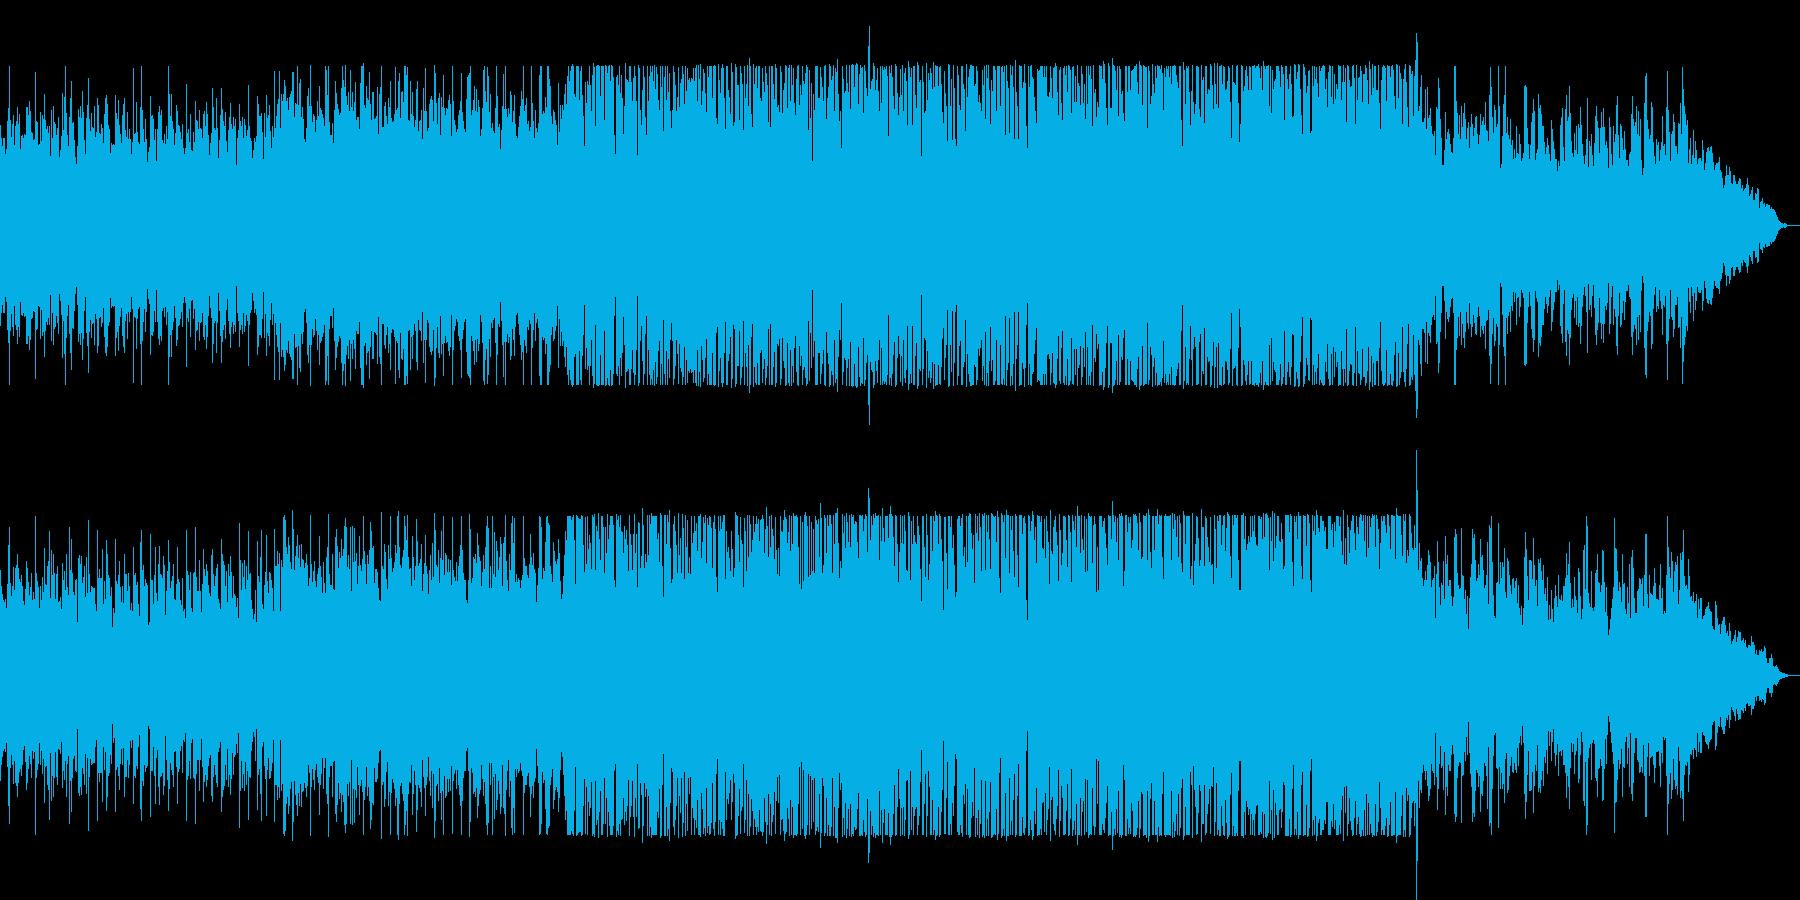 幻想的でドラマチックなヒーリングサウンドの再生済みの波形